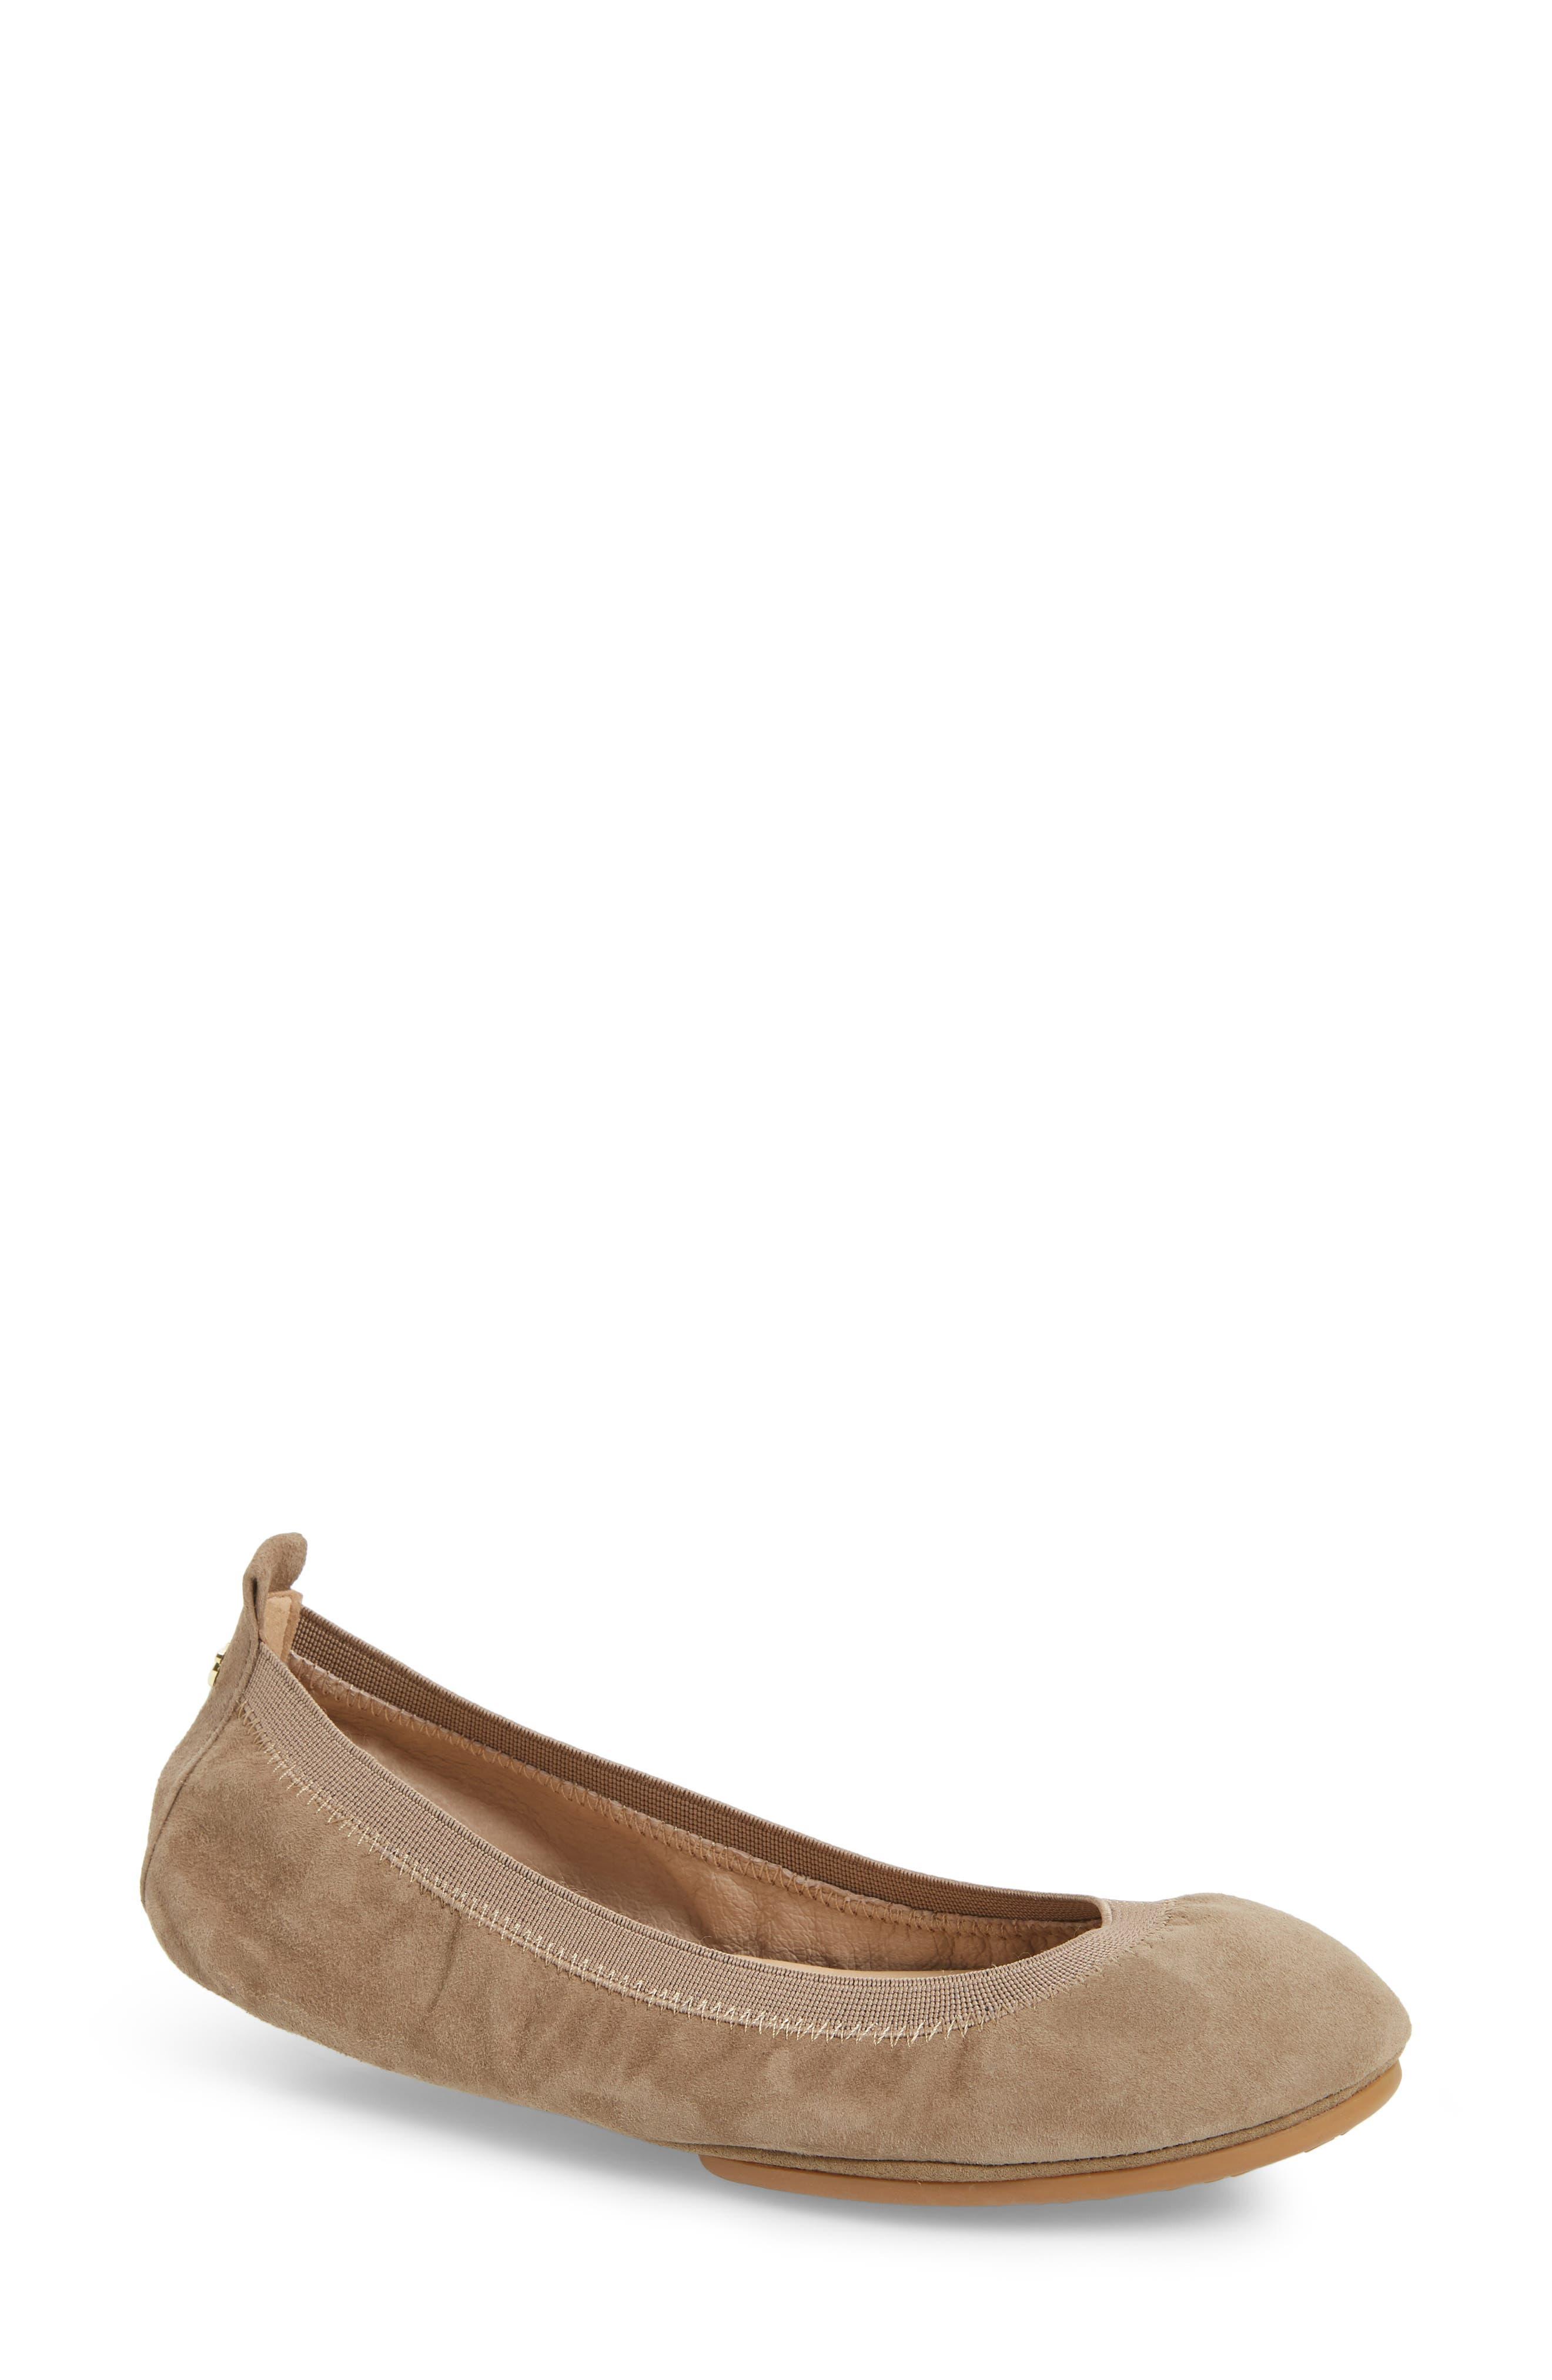 YOSI SAMRA Samara Foldable Ballet Flat in Stone Suede